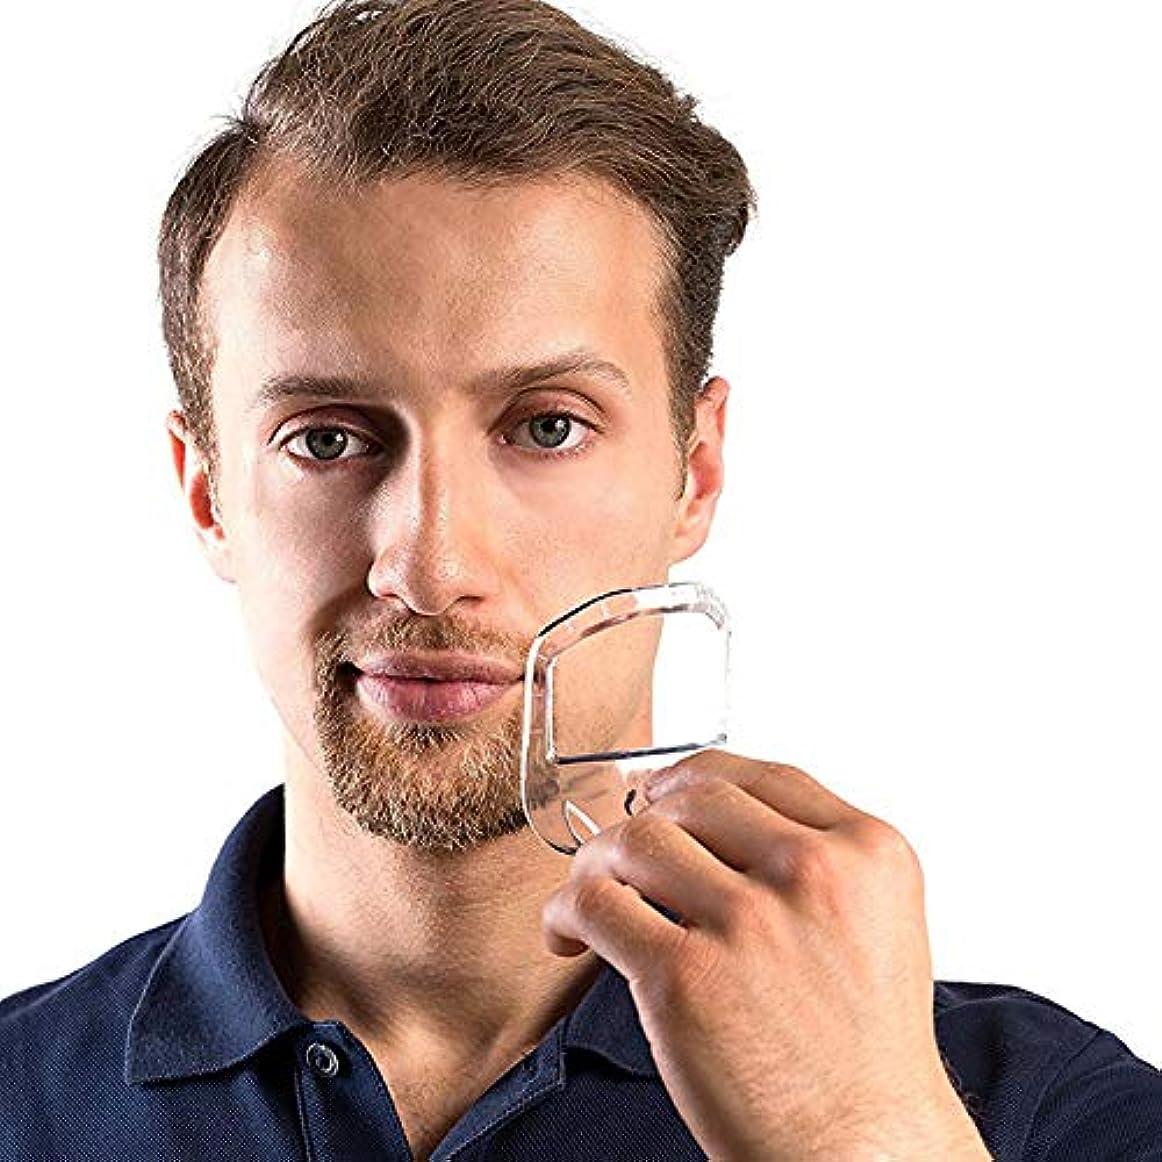 SODIAL 5ピース/セット 対称カットあごひげ ネックライン口ひげ グルーミングひげスタイリングケアひげシェーピングシェービングツール - 透明色